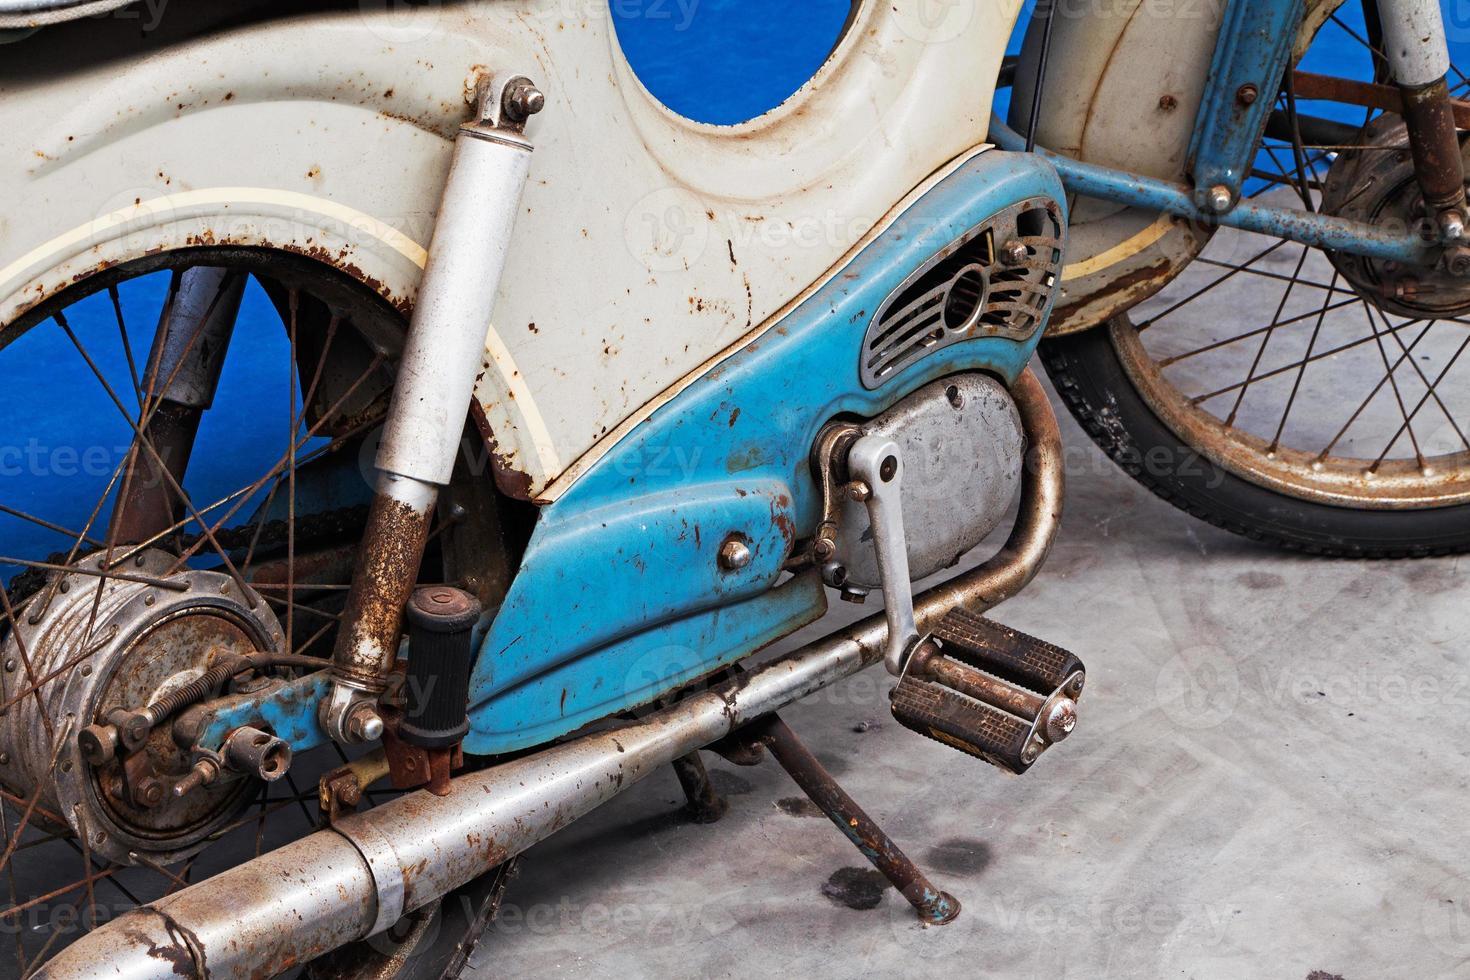 Detalle de moto vieja oxidada foto